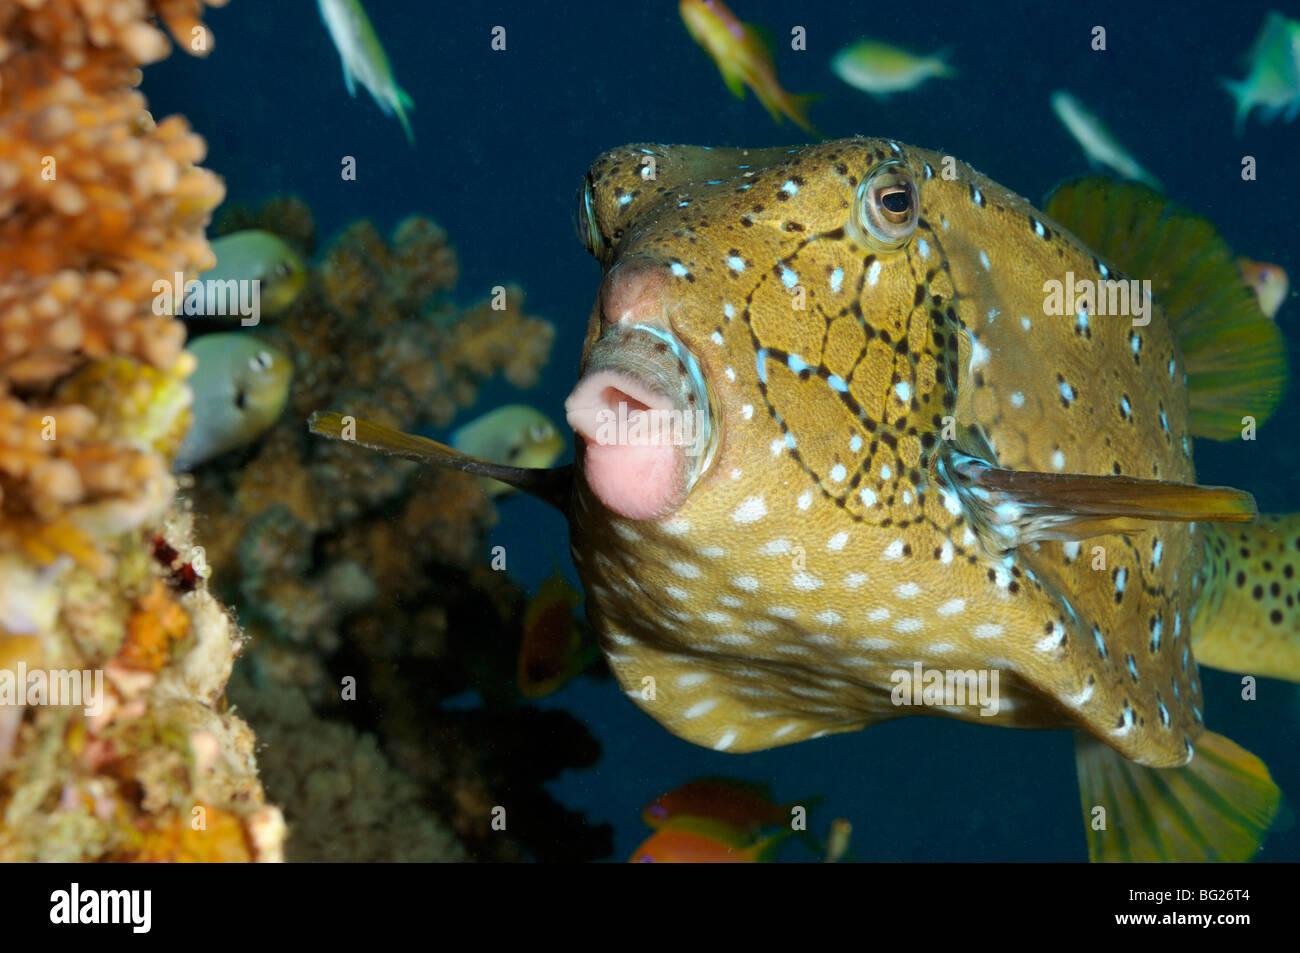 Ostracion cubicus boxfish, jaune, les poissons des récifs coralliens sur Photo Stock